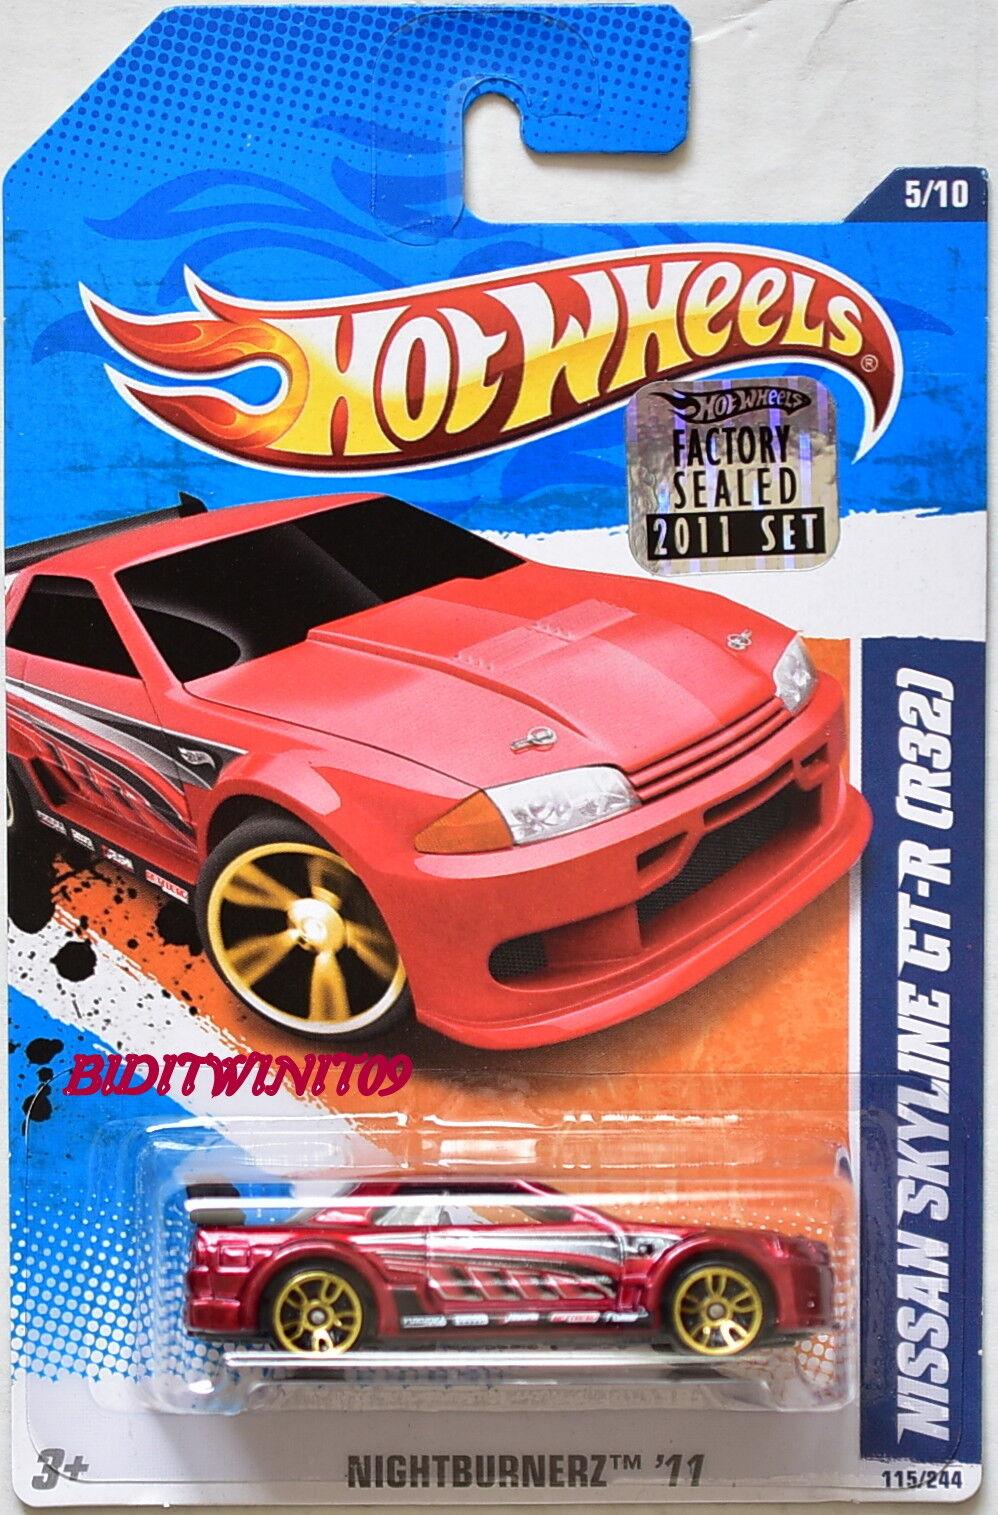 HOT WHEELS 2011 NIGHTBURNERZ NISSAN SKYLINE GT-R (R32) RED FACTORY SEALED W+